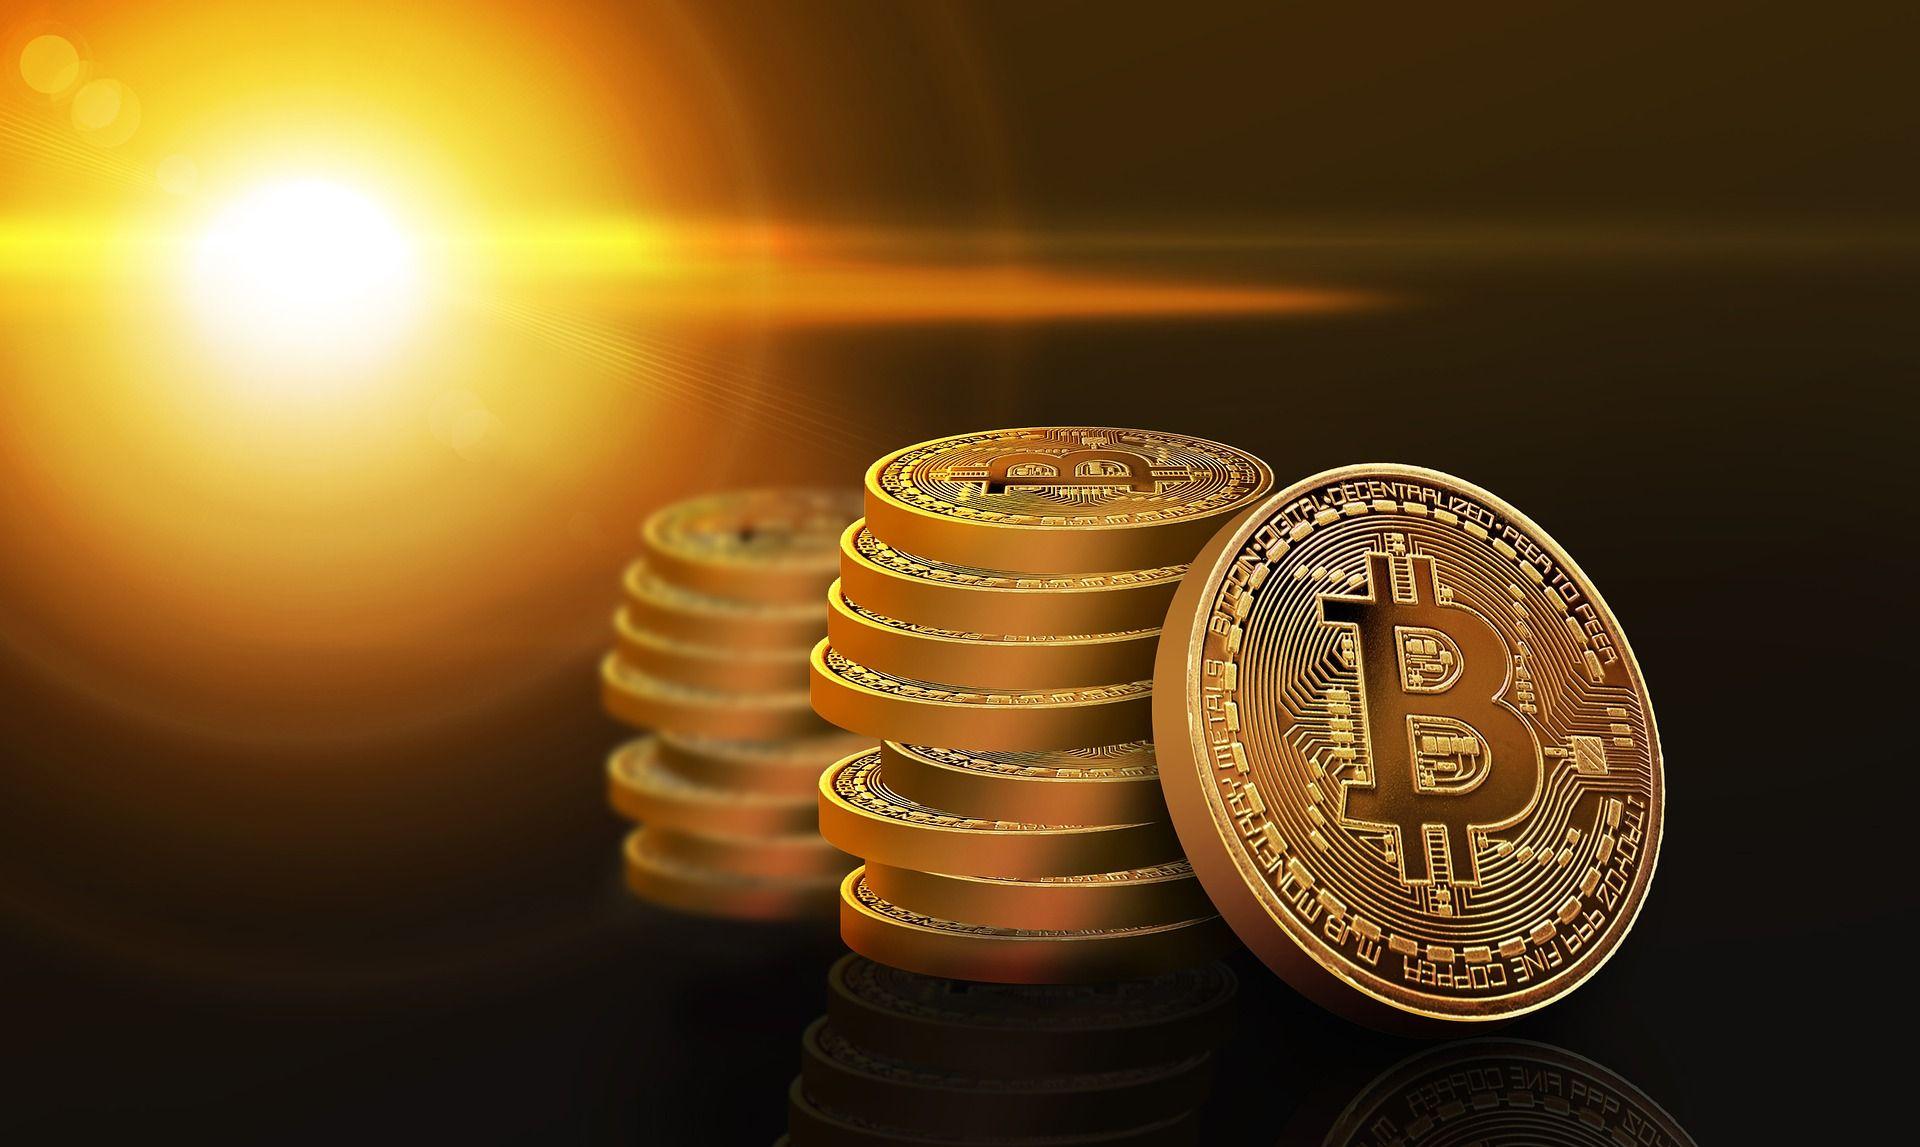 bitcoin artis sinyali